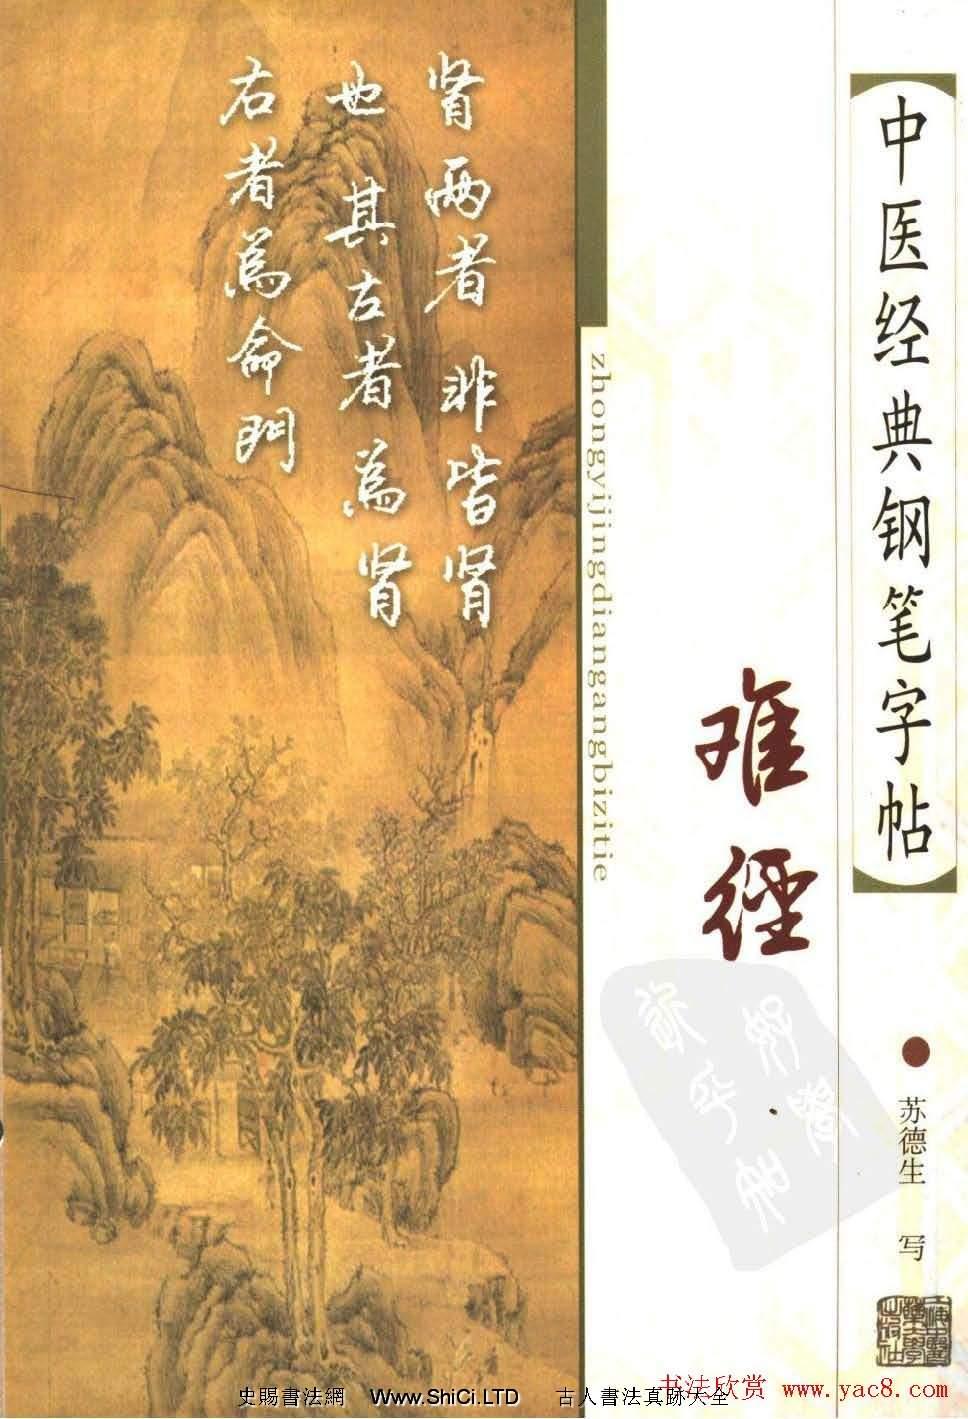 蘇德生書法《中醫經典鋼筆字帖難經》(共112張圖片)